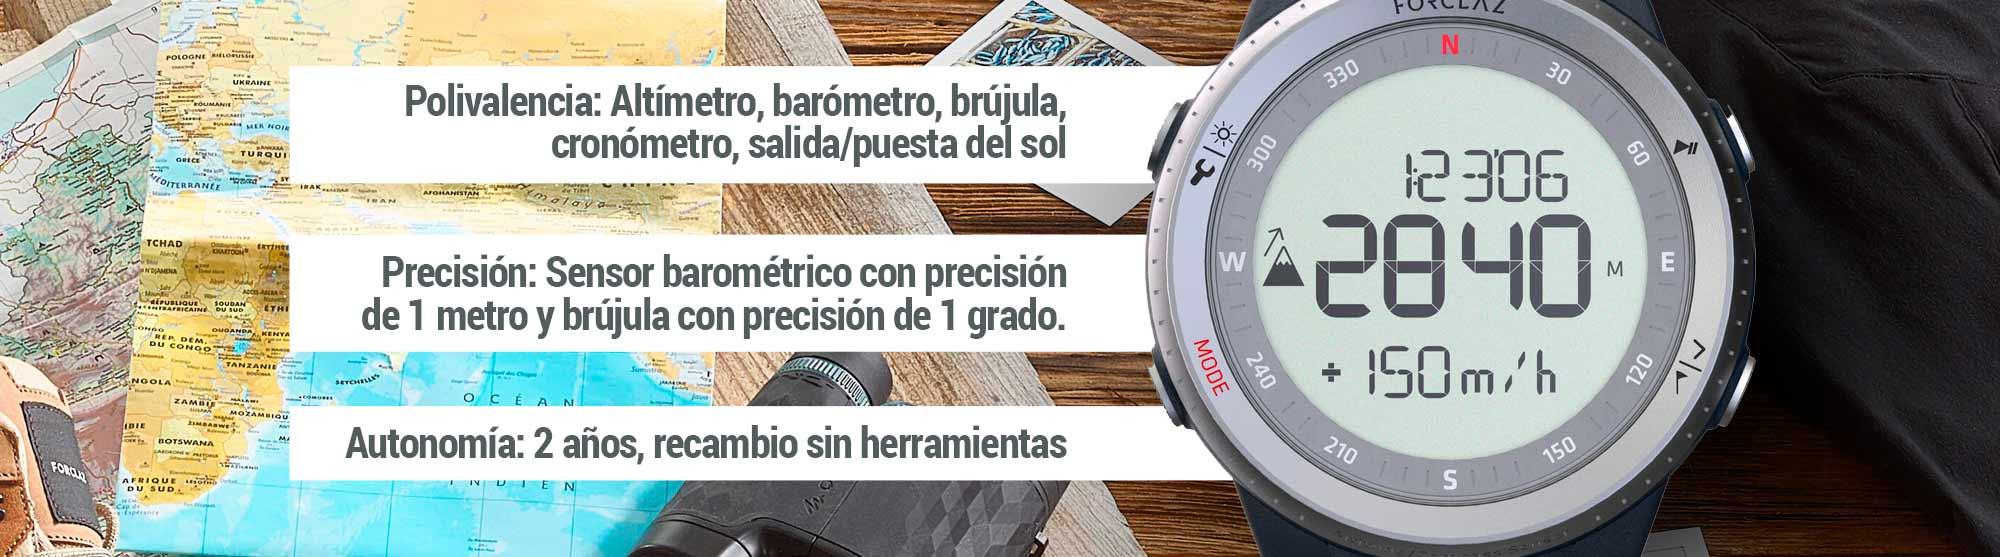 Reloj Decathlon Altímetro Barómetro de Montaña y Trekking con Brújula MW TREK 900 | Kissthemountain